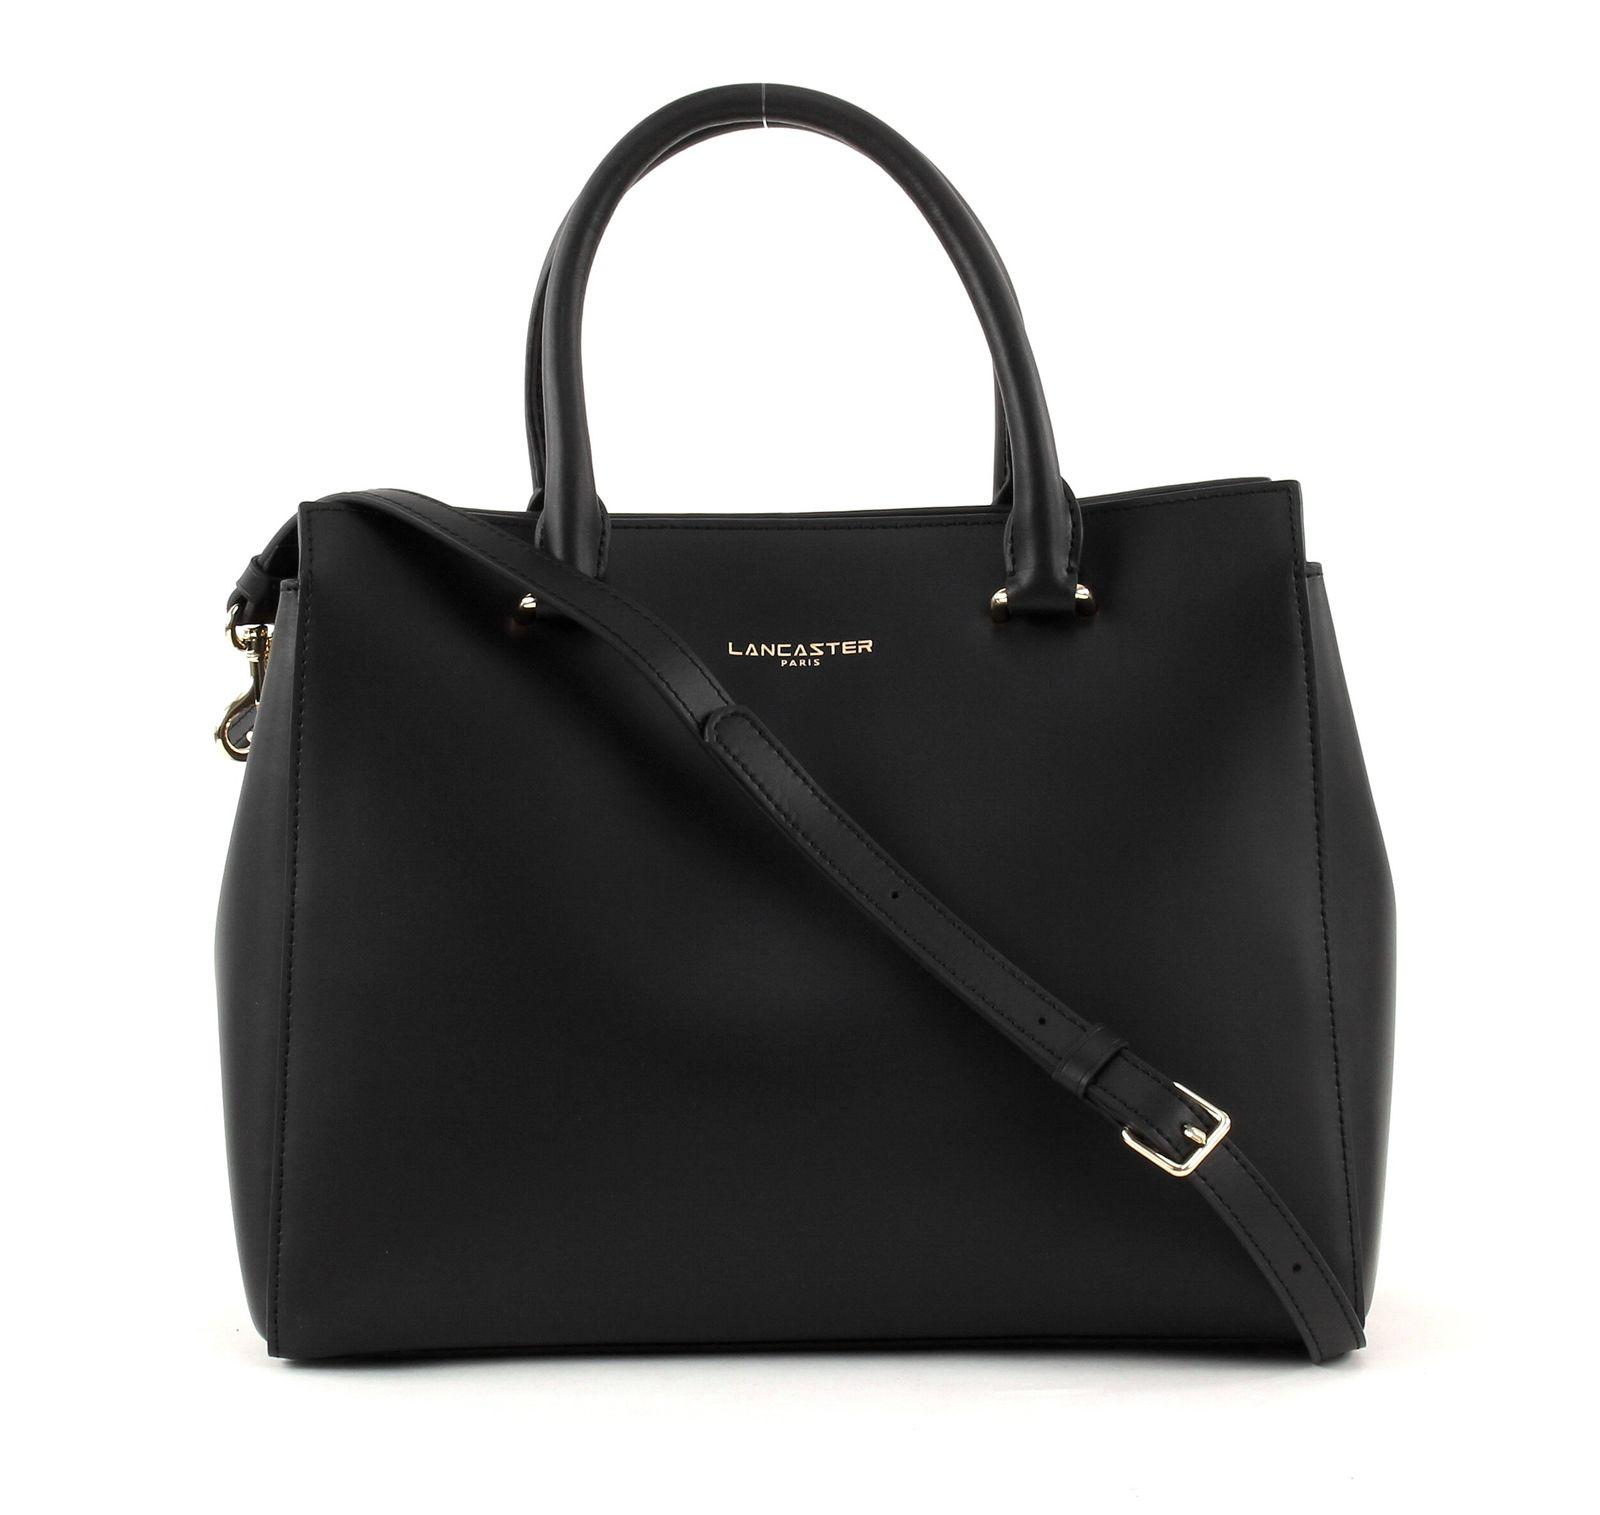 LANCASTER Camélia Hand Bag Noir